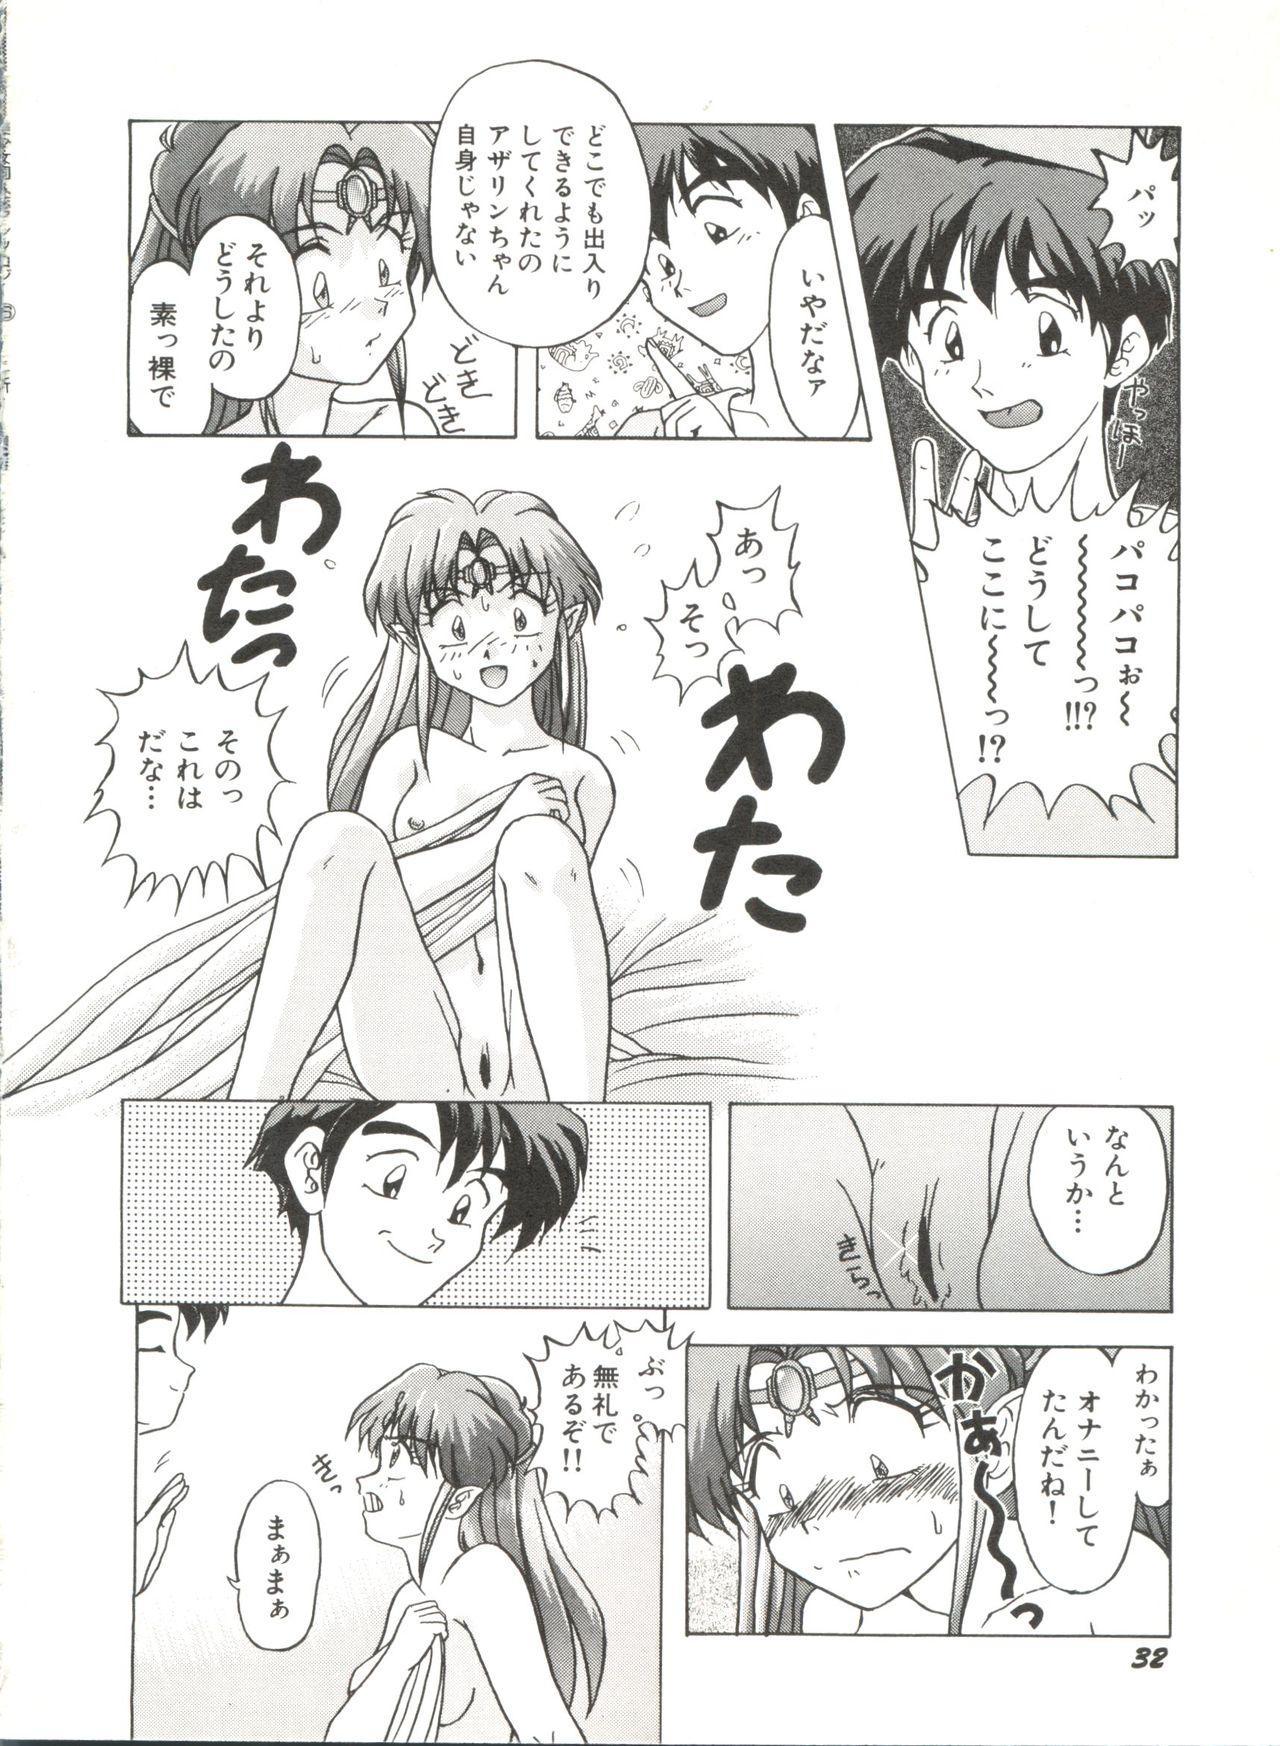 Bishoujo Doujinshi Anthology 6 35